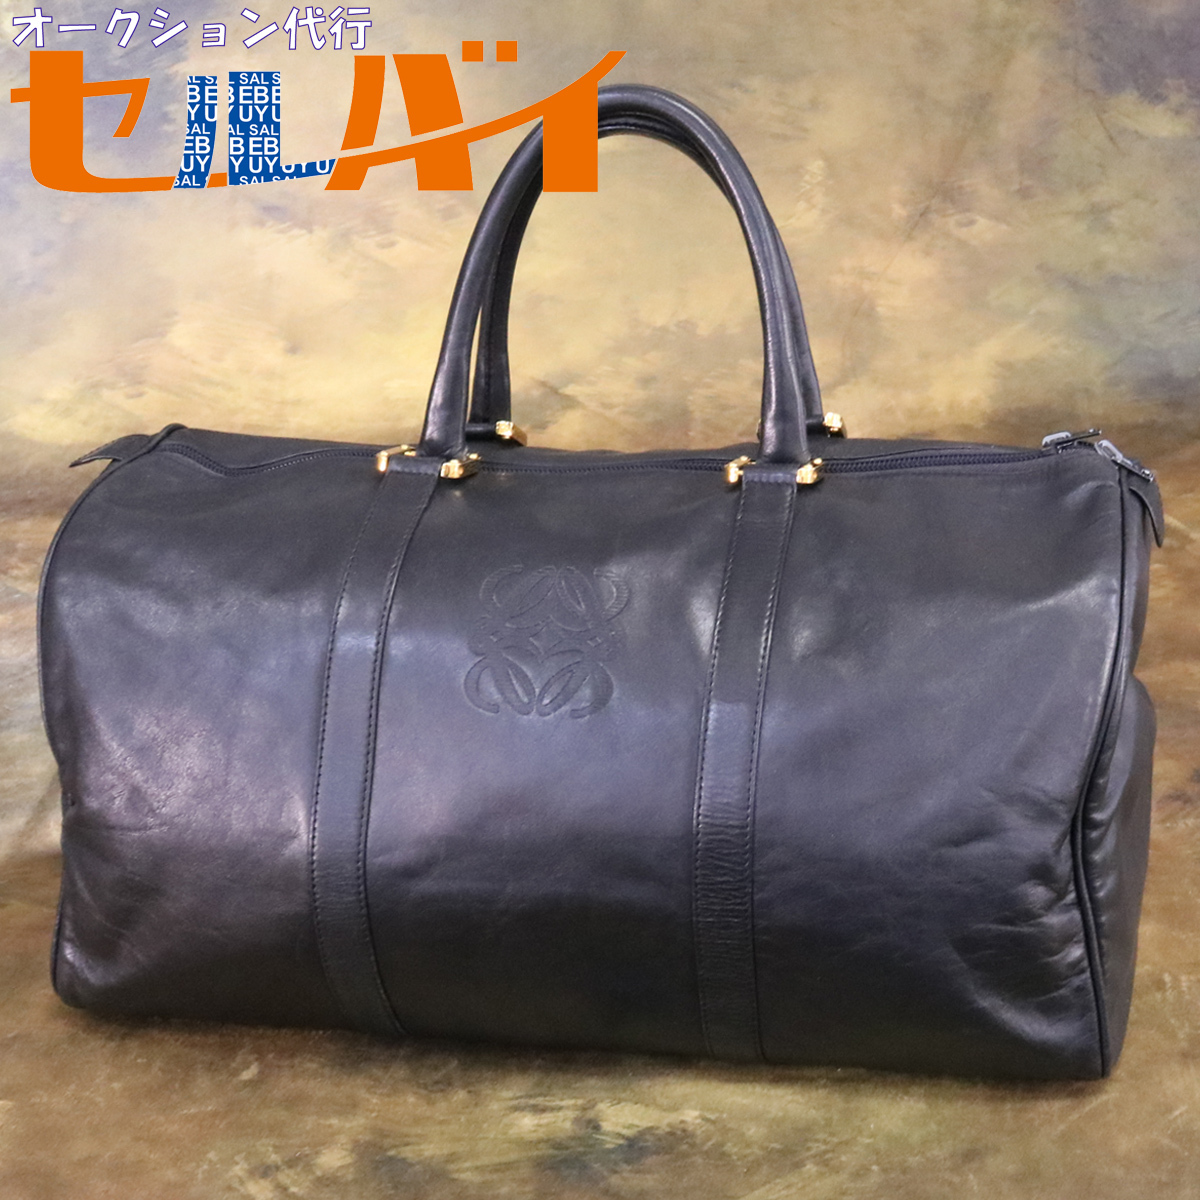 本物 超美品 ロエベ 最高級スペイン製ナッパフリアレザー アナグラム メンズボストンバッグ ブラック 鍵付きダッフルバッグ 旅行鞄 LOEWE